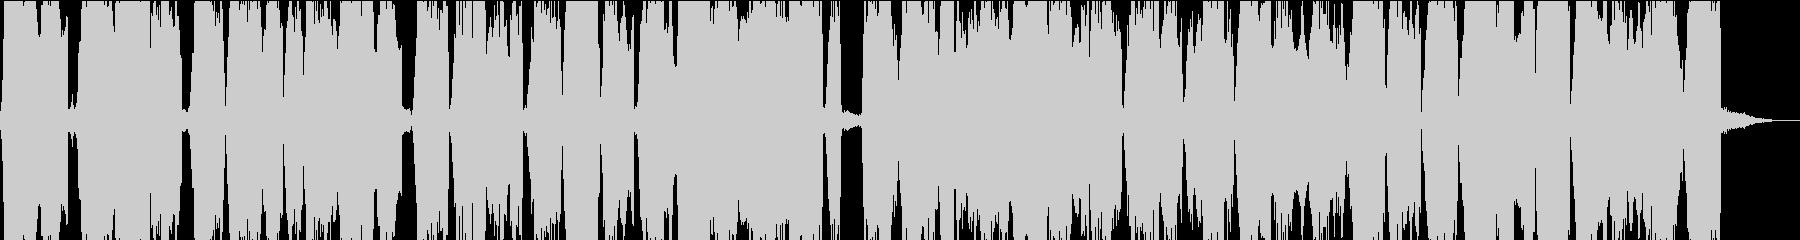 【20秒】昭和ノスタルジー/ラジオCM用の未再生の波形